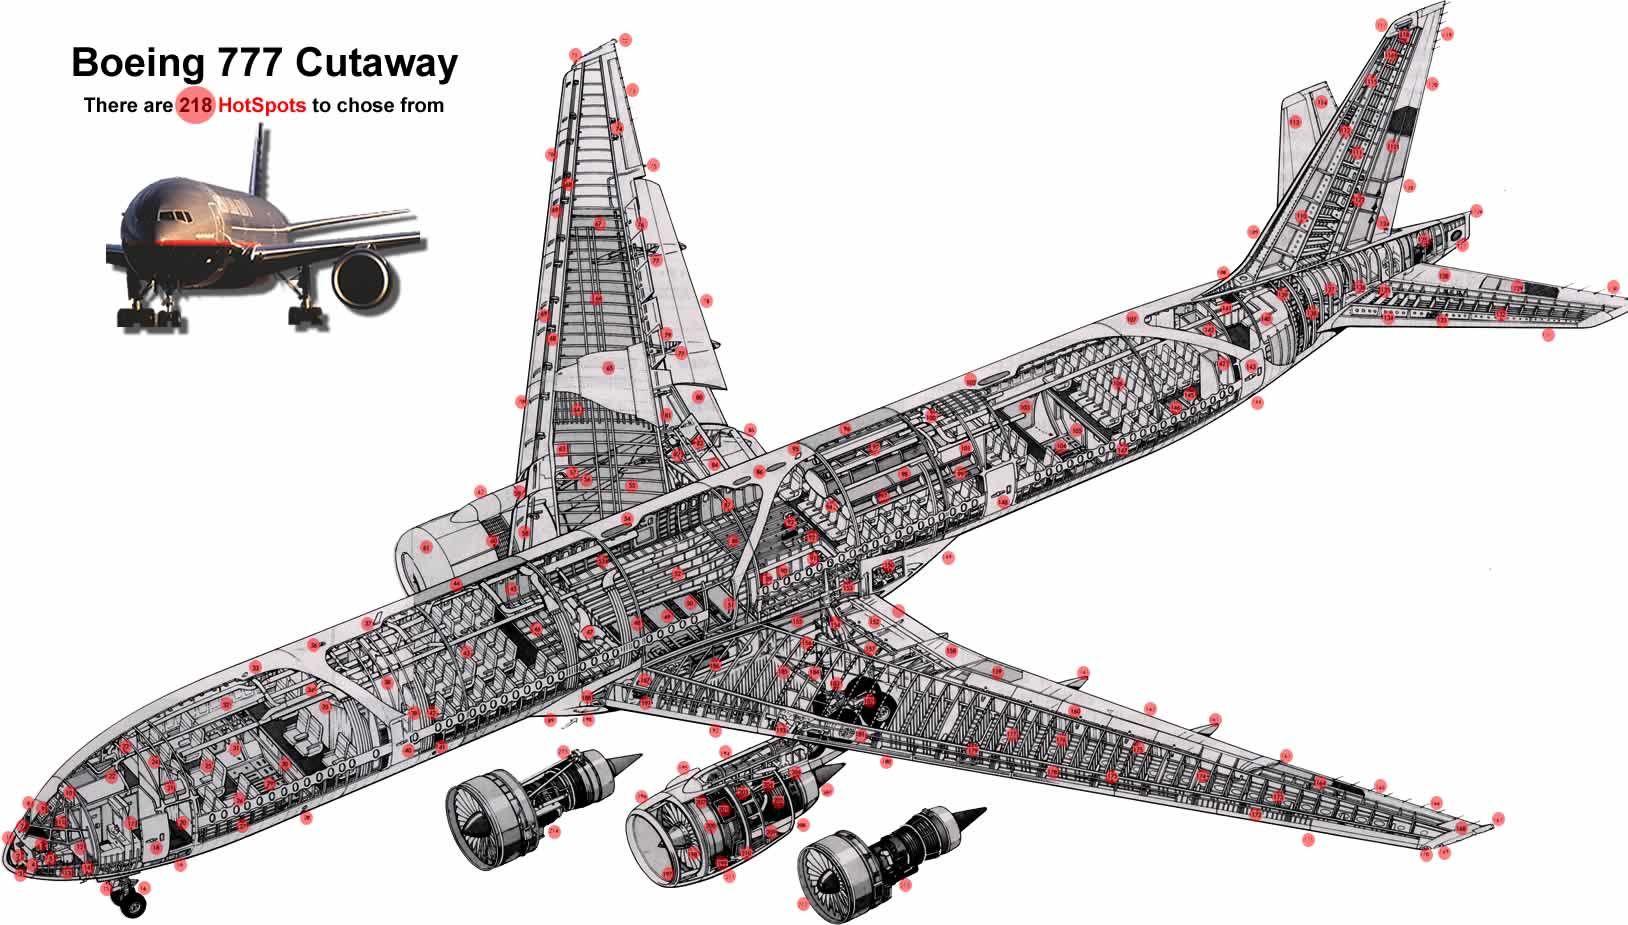 777 Cutaway View